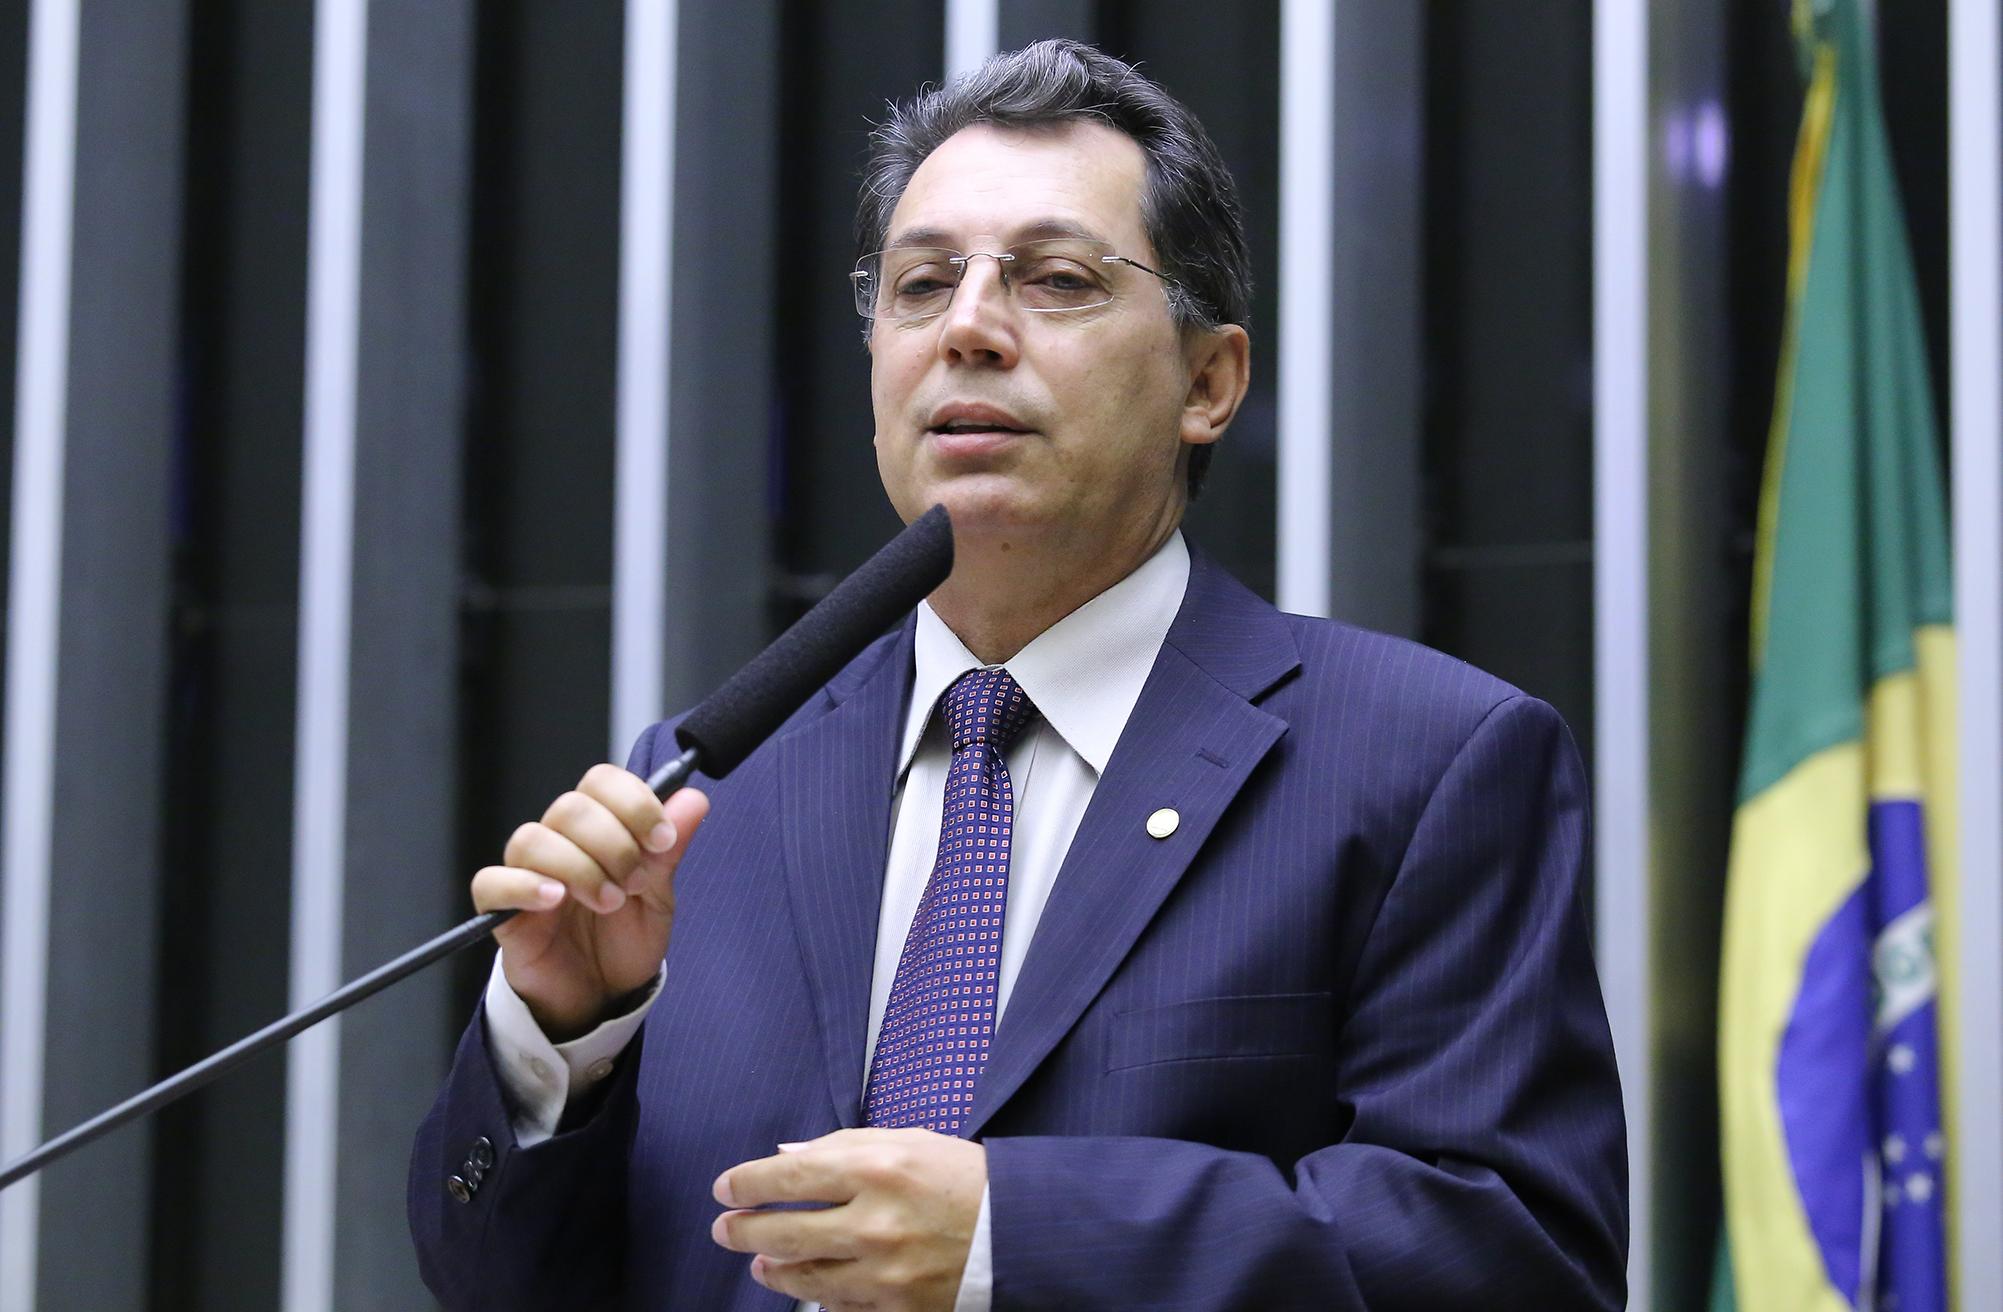 Sessão solene em homenagem aos 27 Anos do Instituto Nacional do Seguro Social (INSS). Dep. Ezequiel Fonseca (PP-MT)